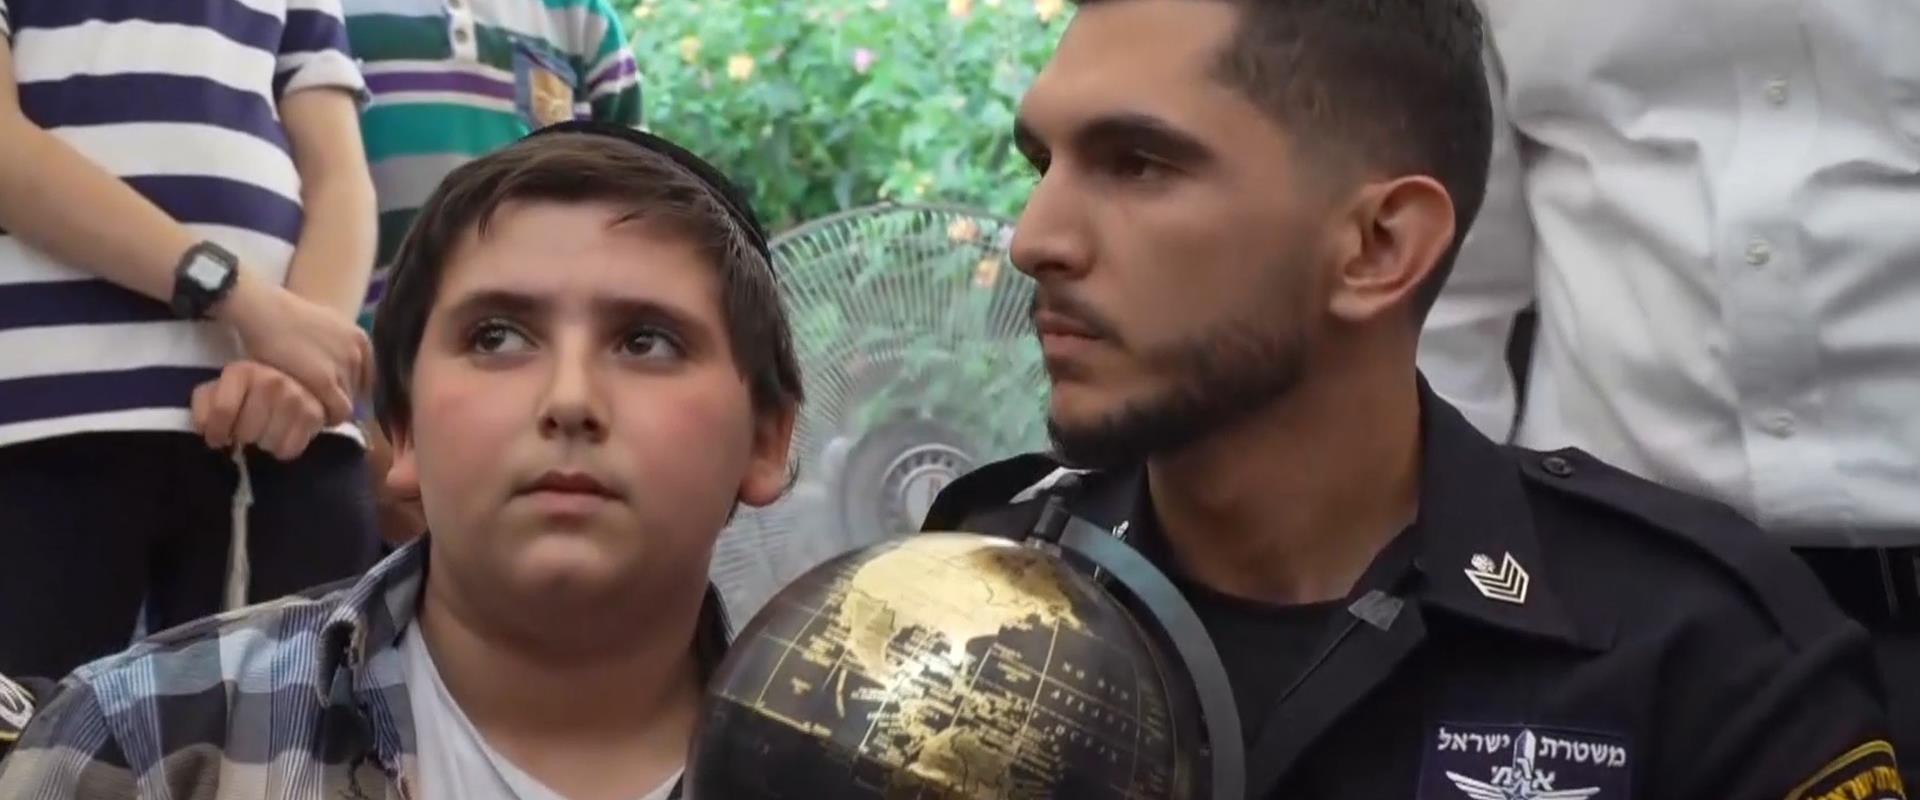 המפגש בין הילד לשוטר שהציל אותו